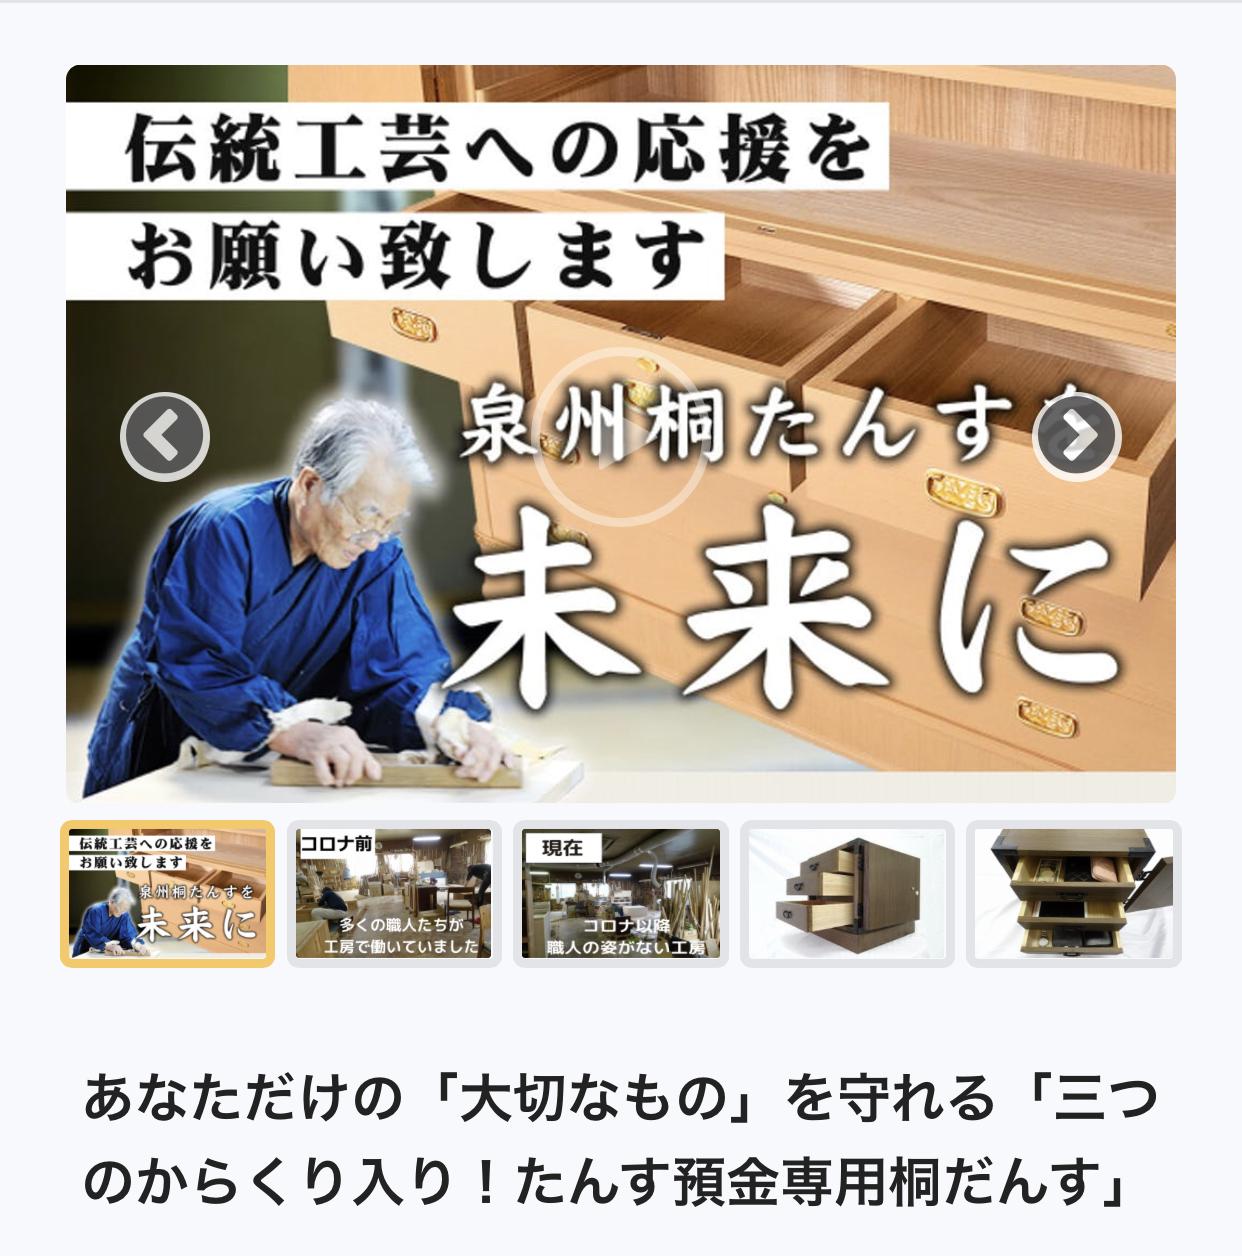 田中家具製作所さん